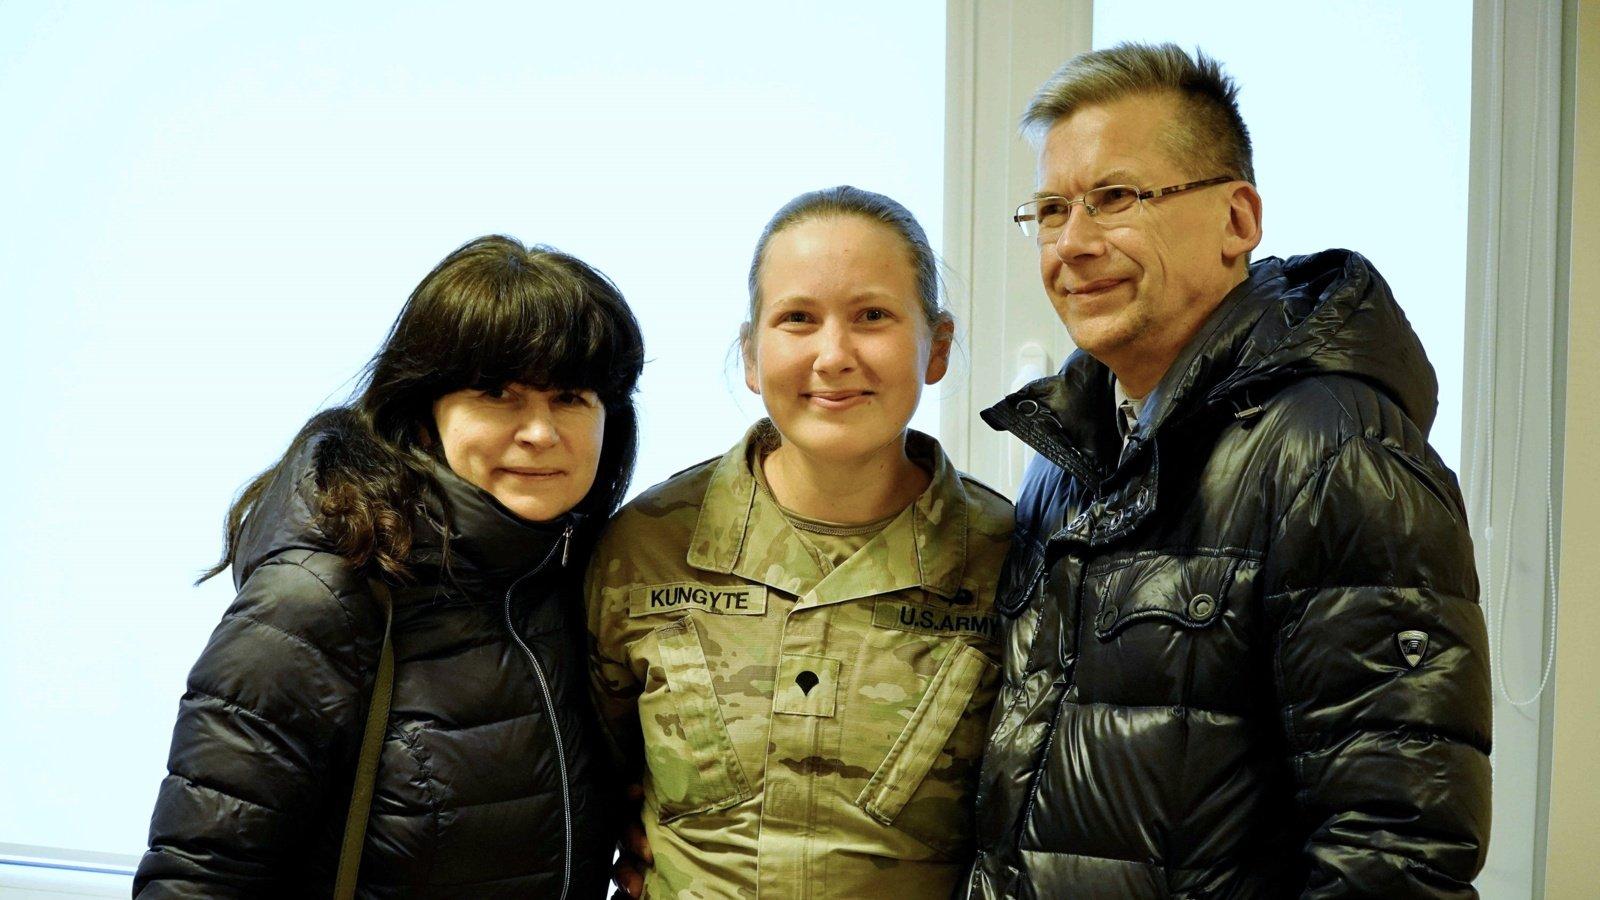 Po 4 metų tėvus apkabinusi JAV kariuomenėje tarnaujanti lietuvė: esu labai laiminga